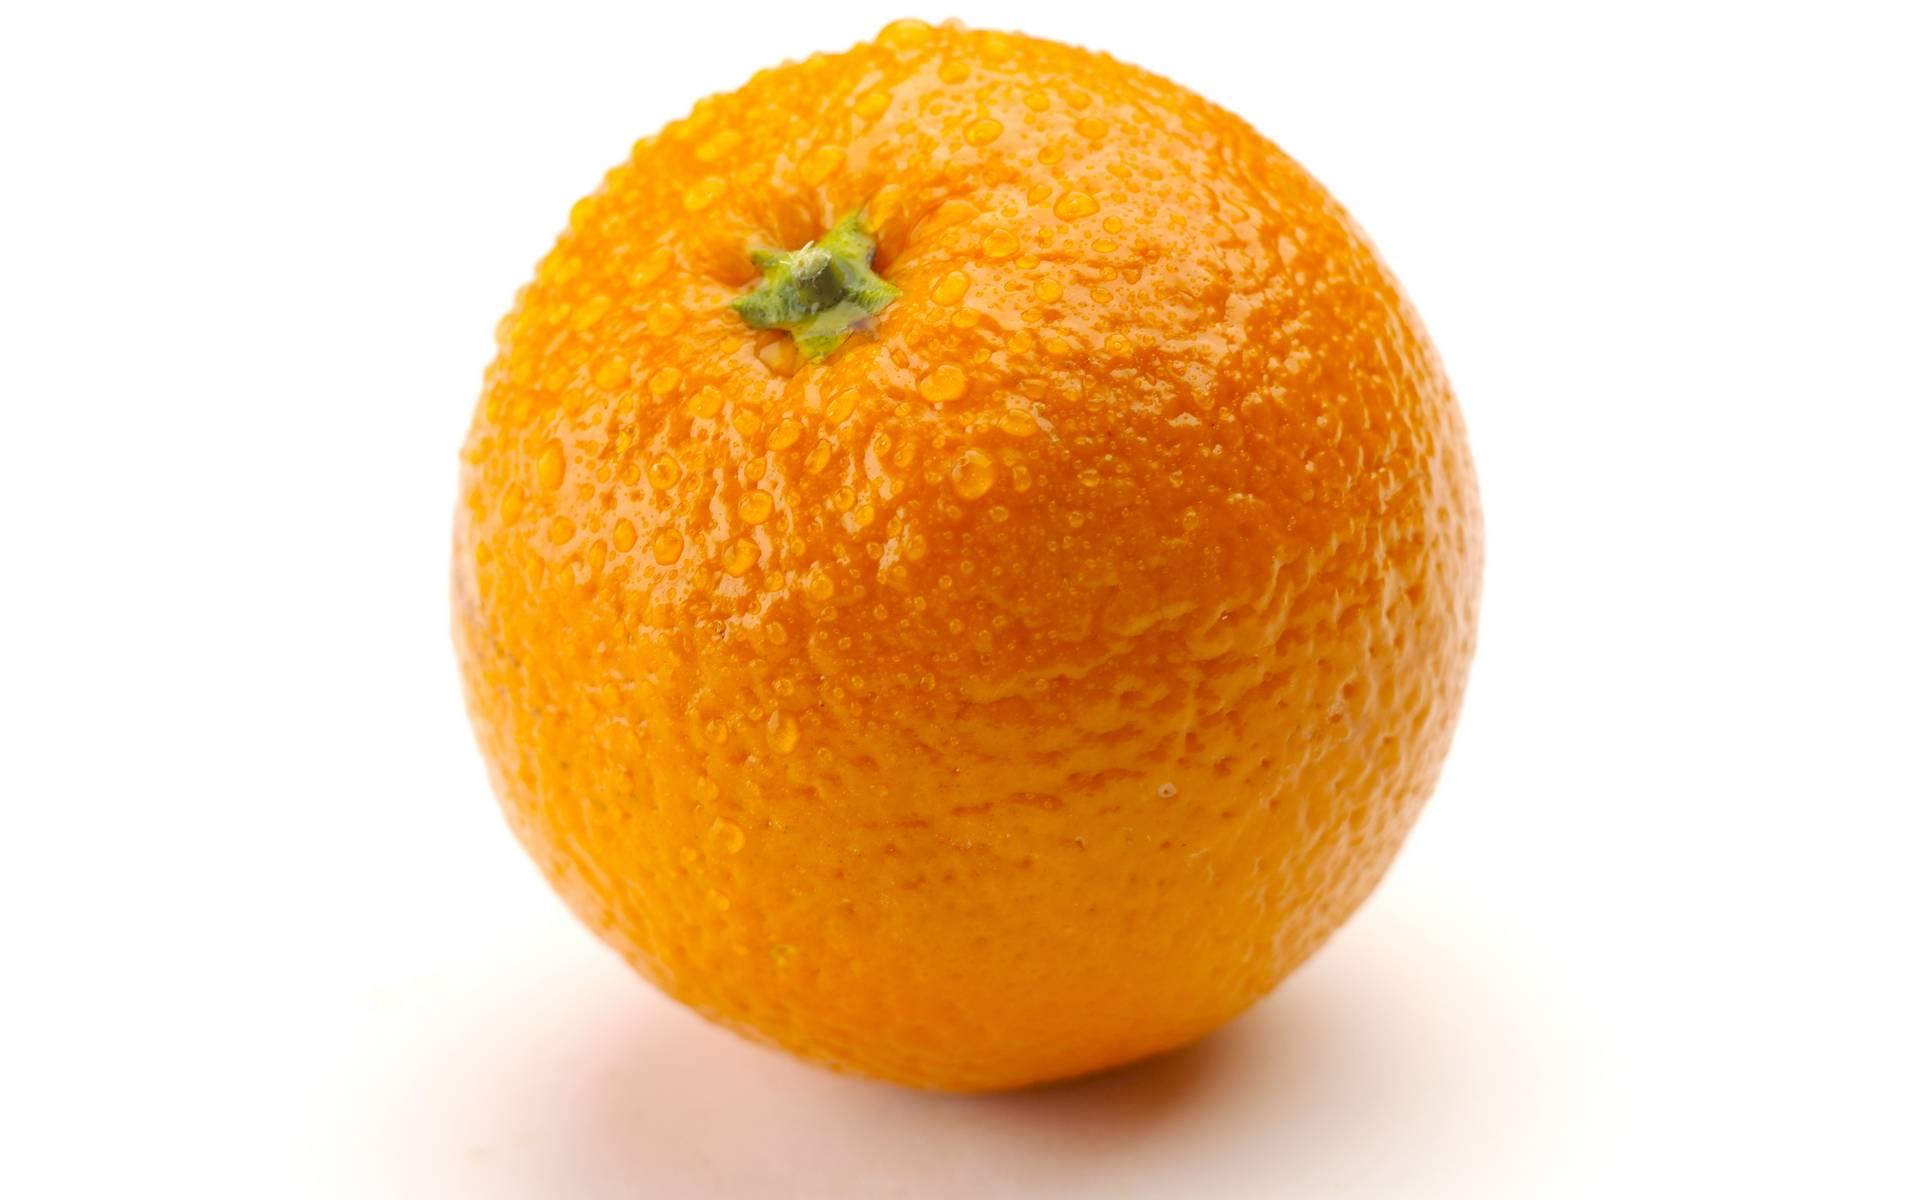 Сколько калорий в апельсине: состав, бжу